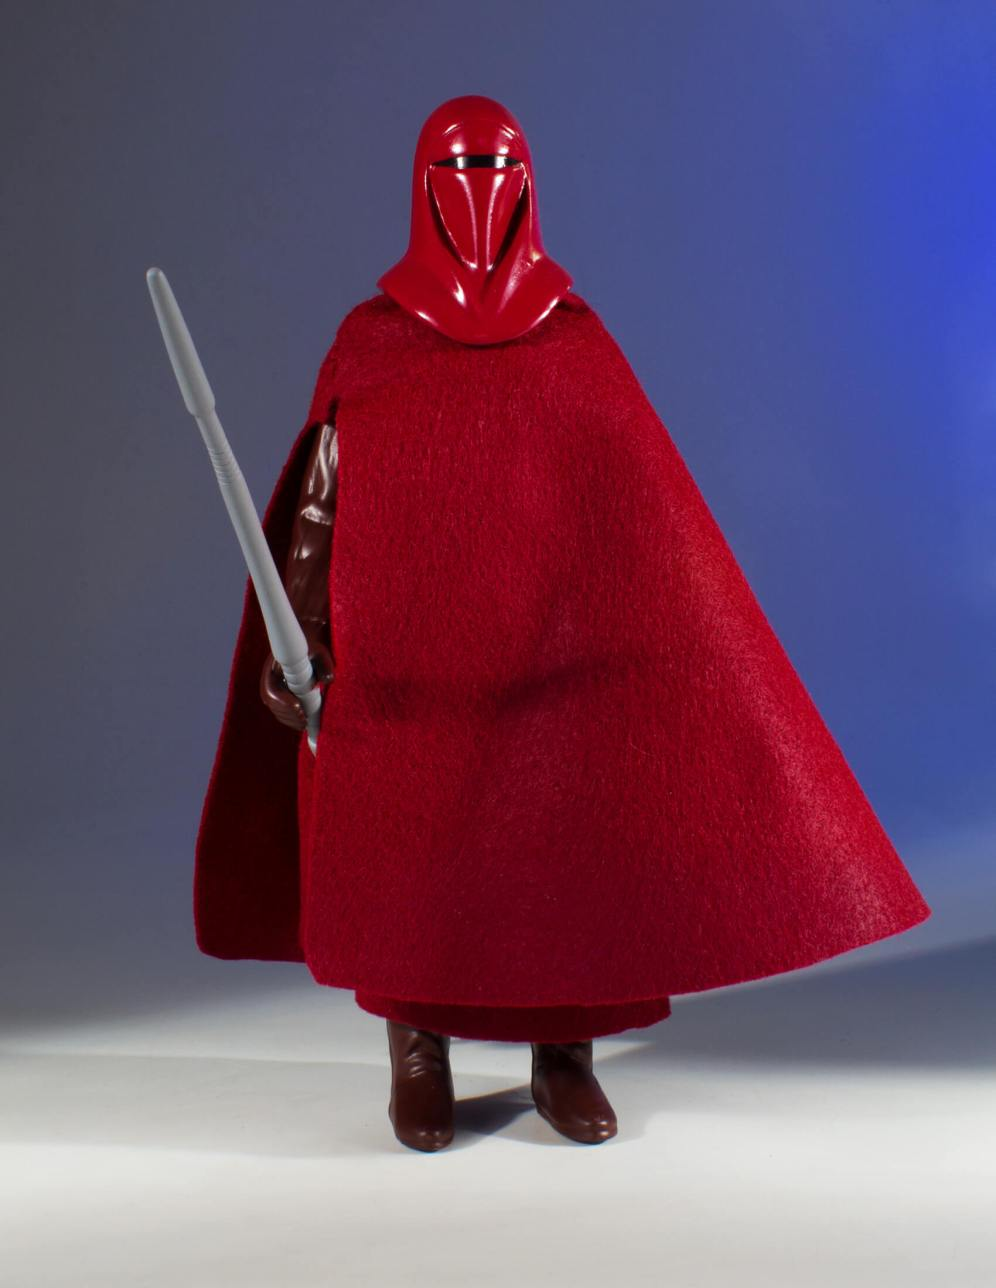 EmperorRoyalGuardJumbo1